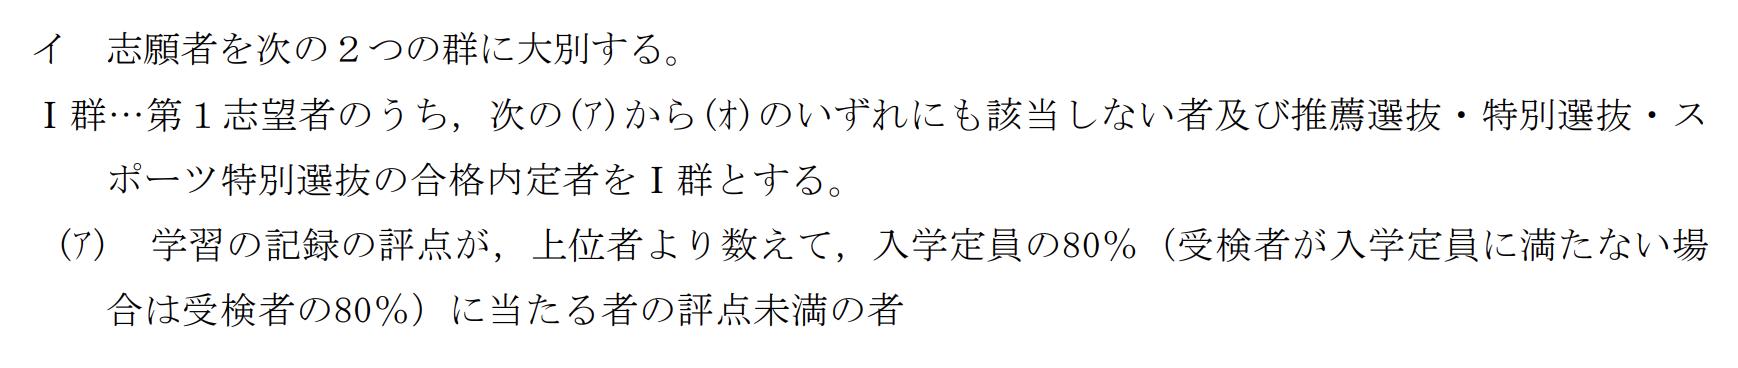 島根県公立高校入試制度3